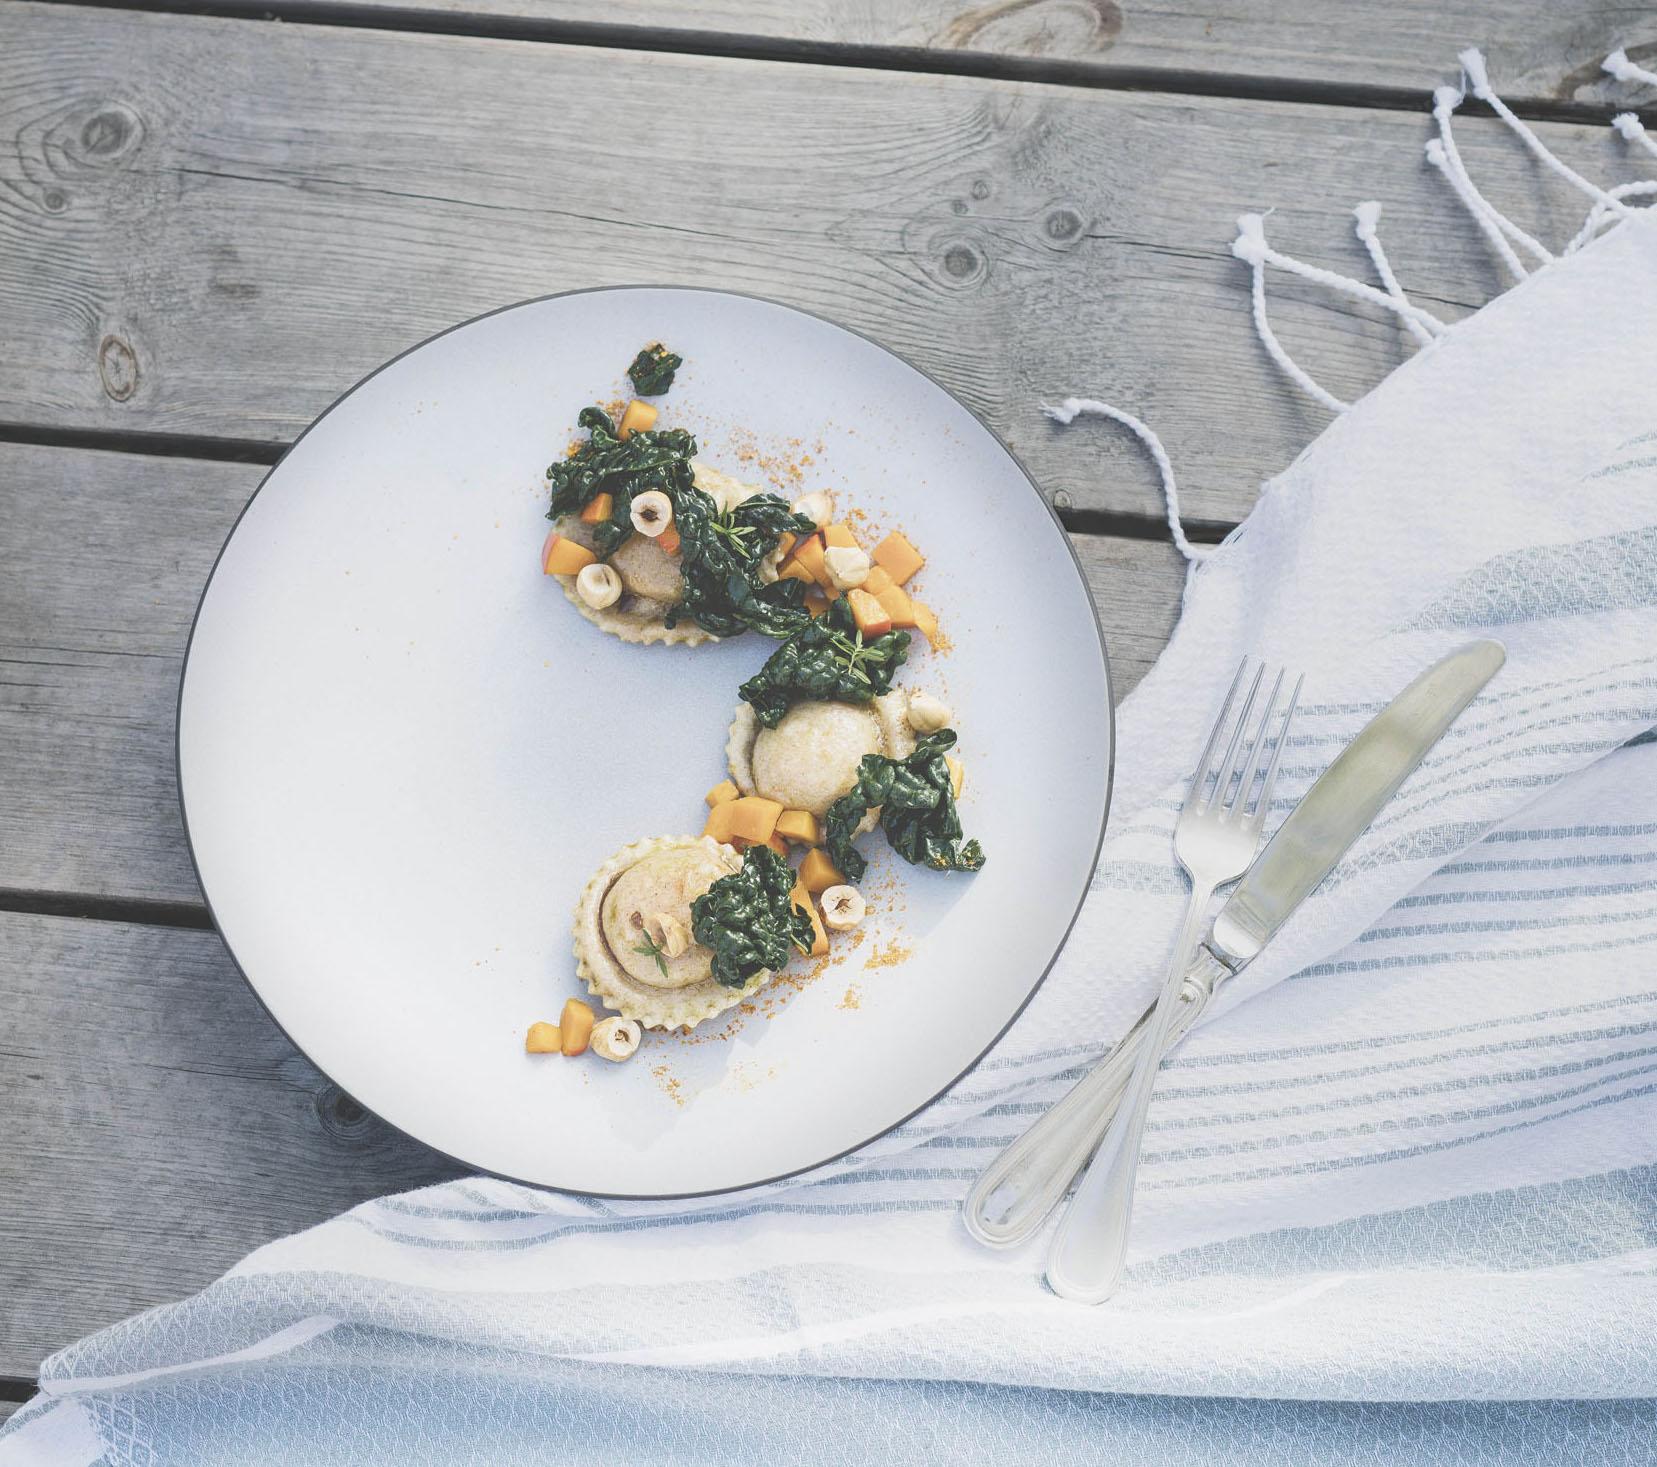 Vegan dishes at LA VIMEA